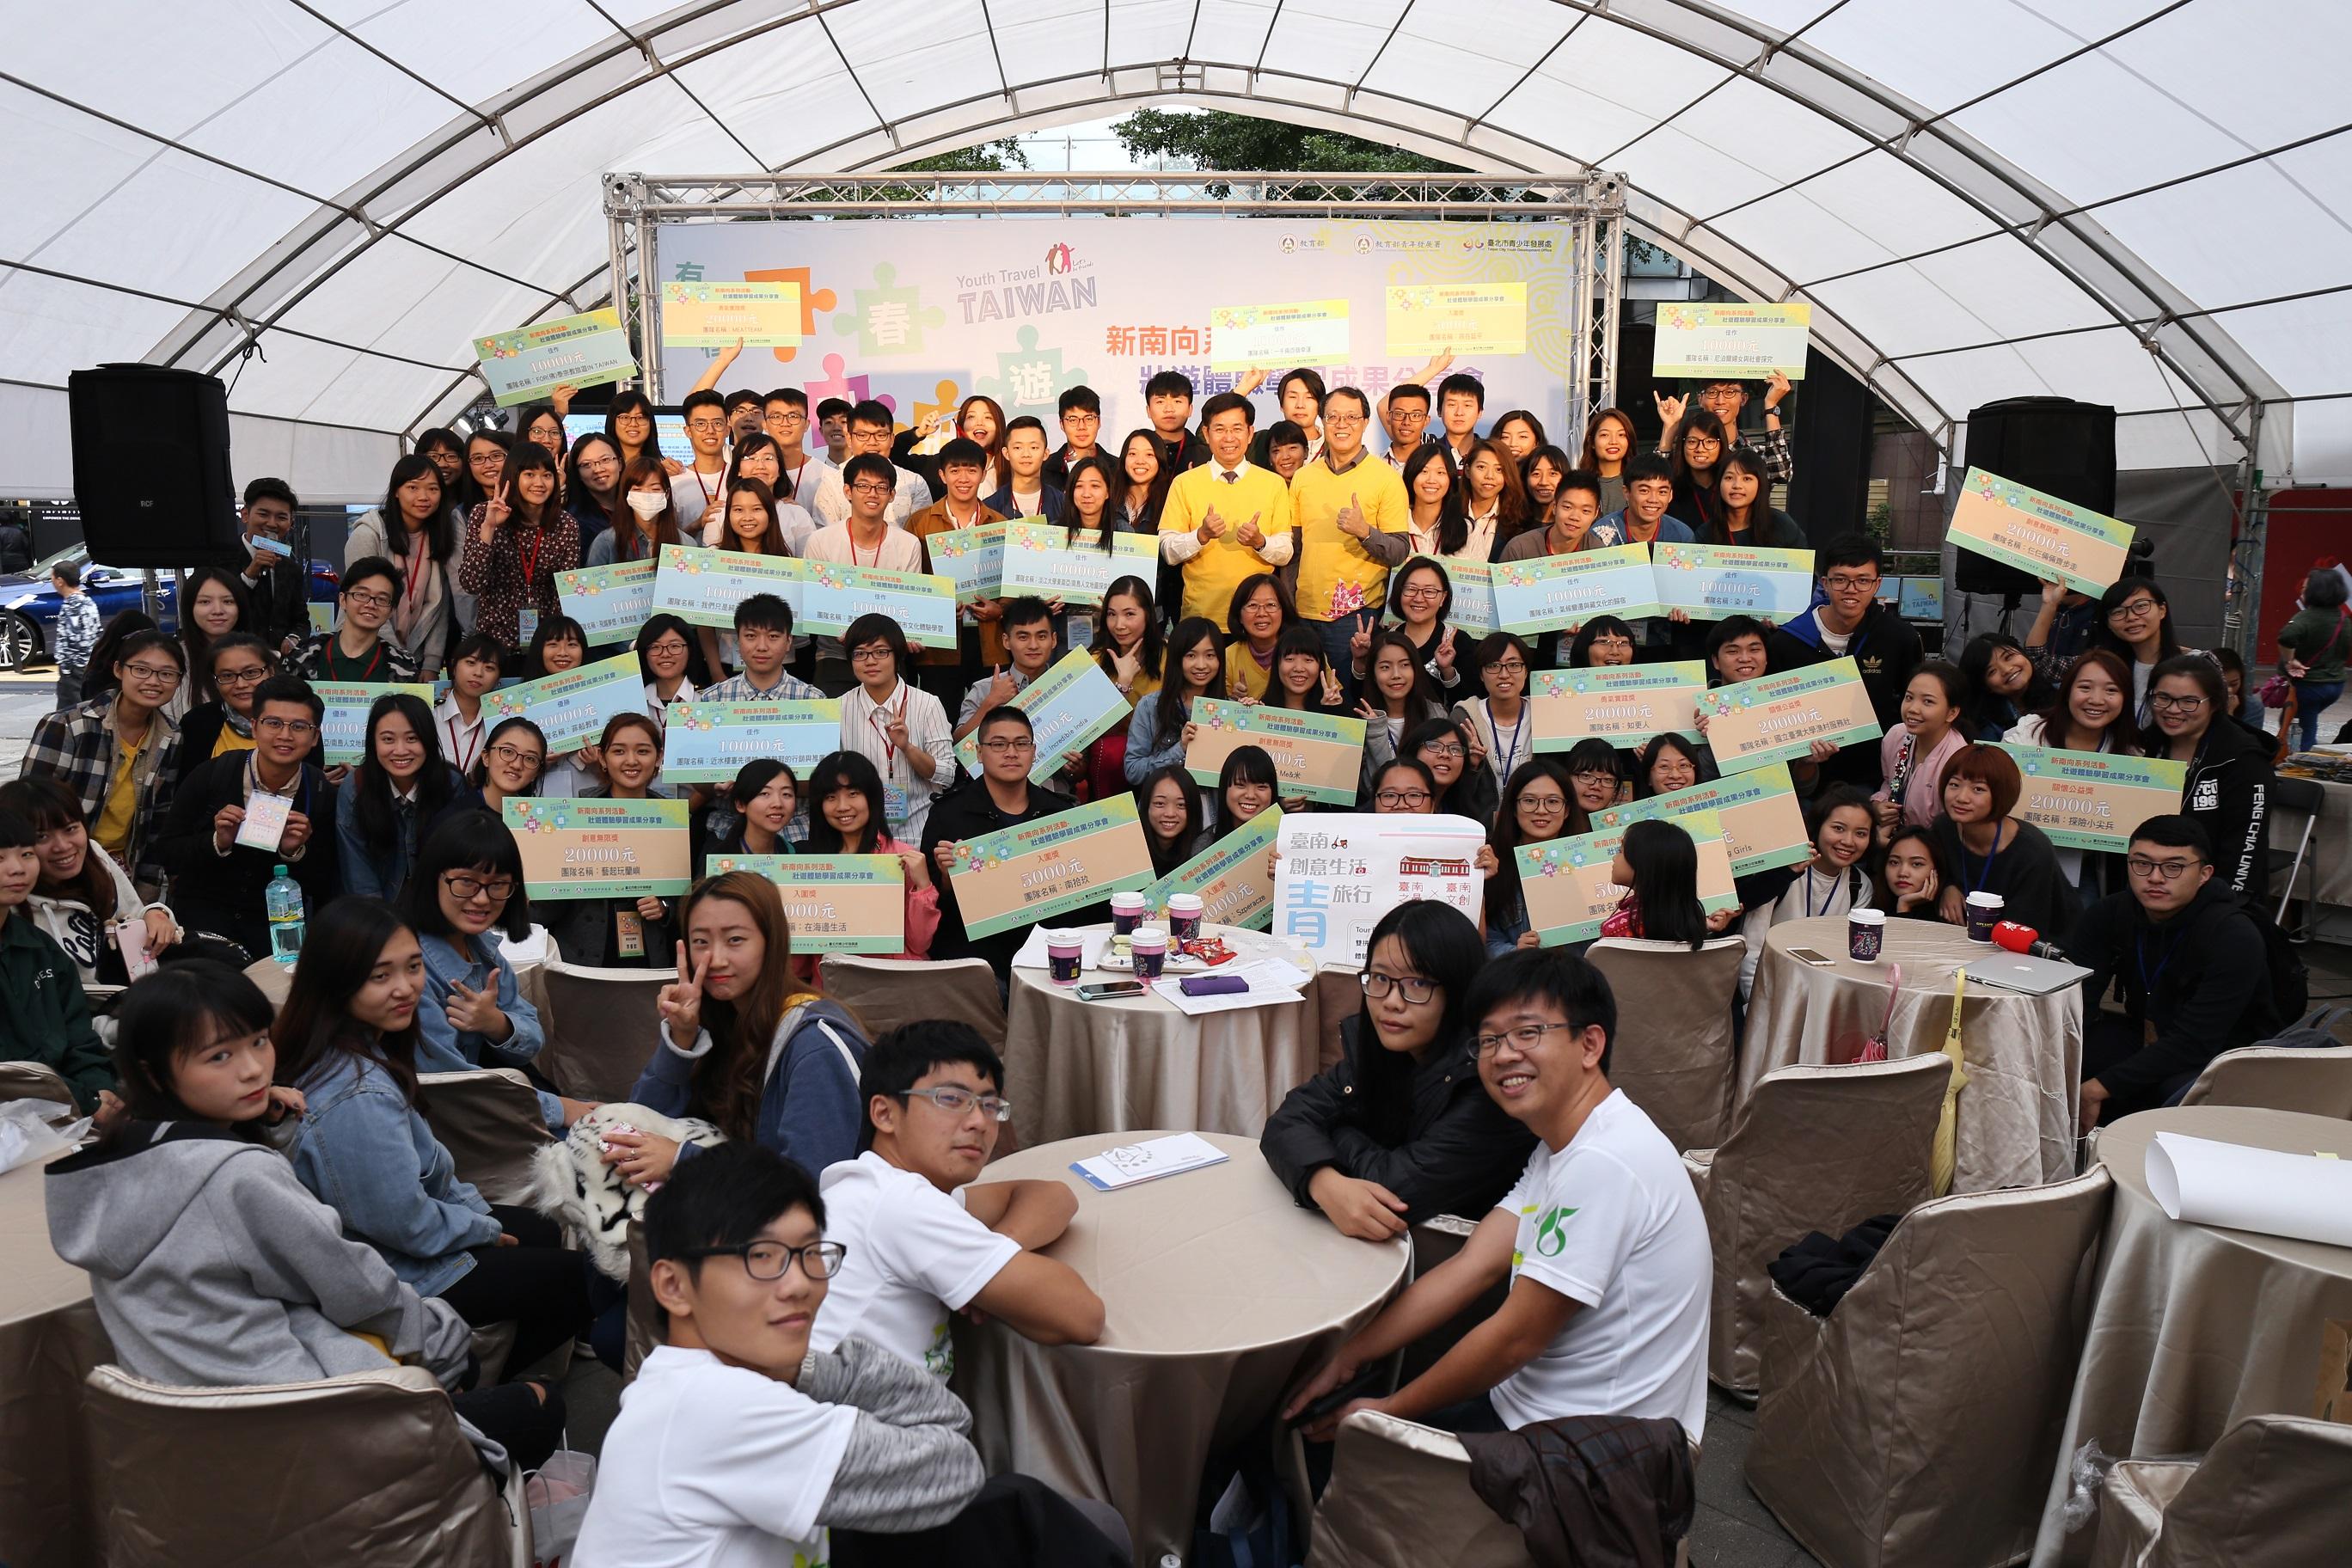 11月‧青年向南躍 有種青春叫壯遊,臺灣青年站出來!